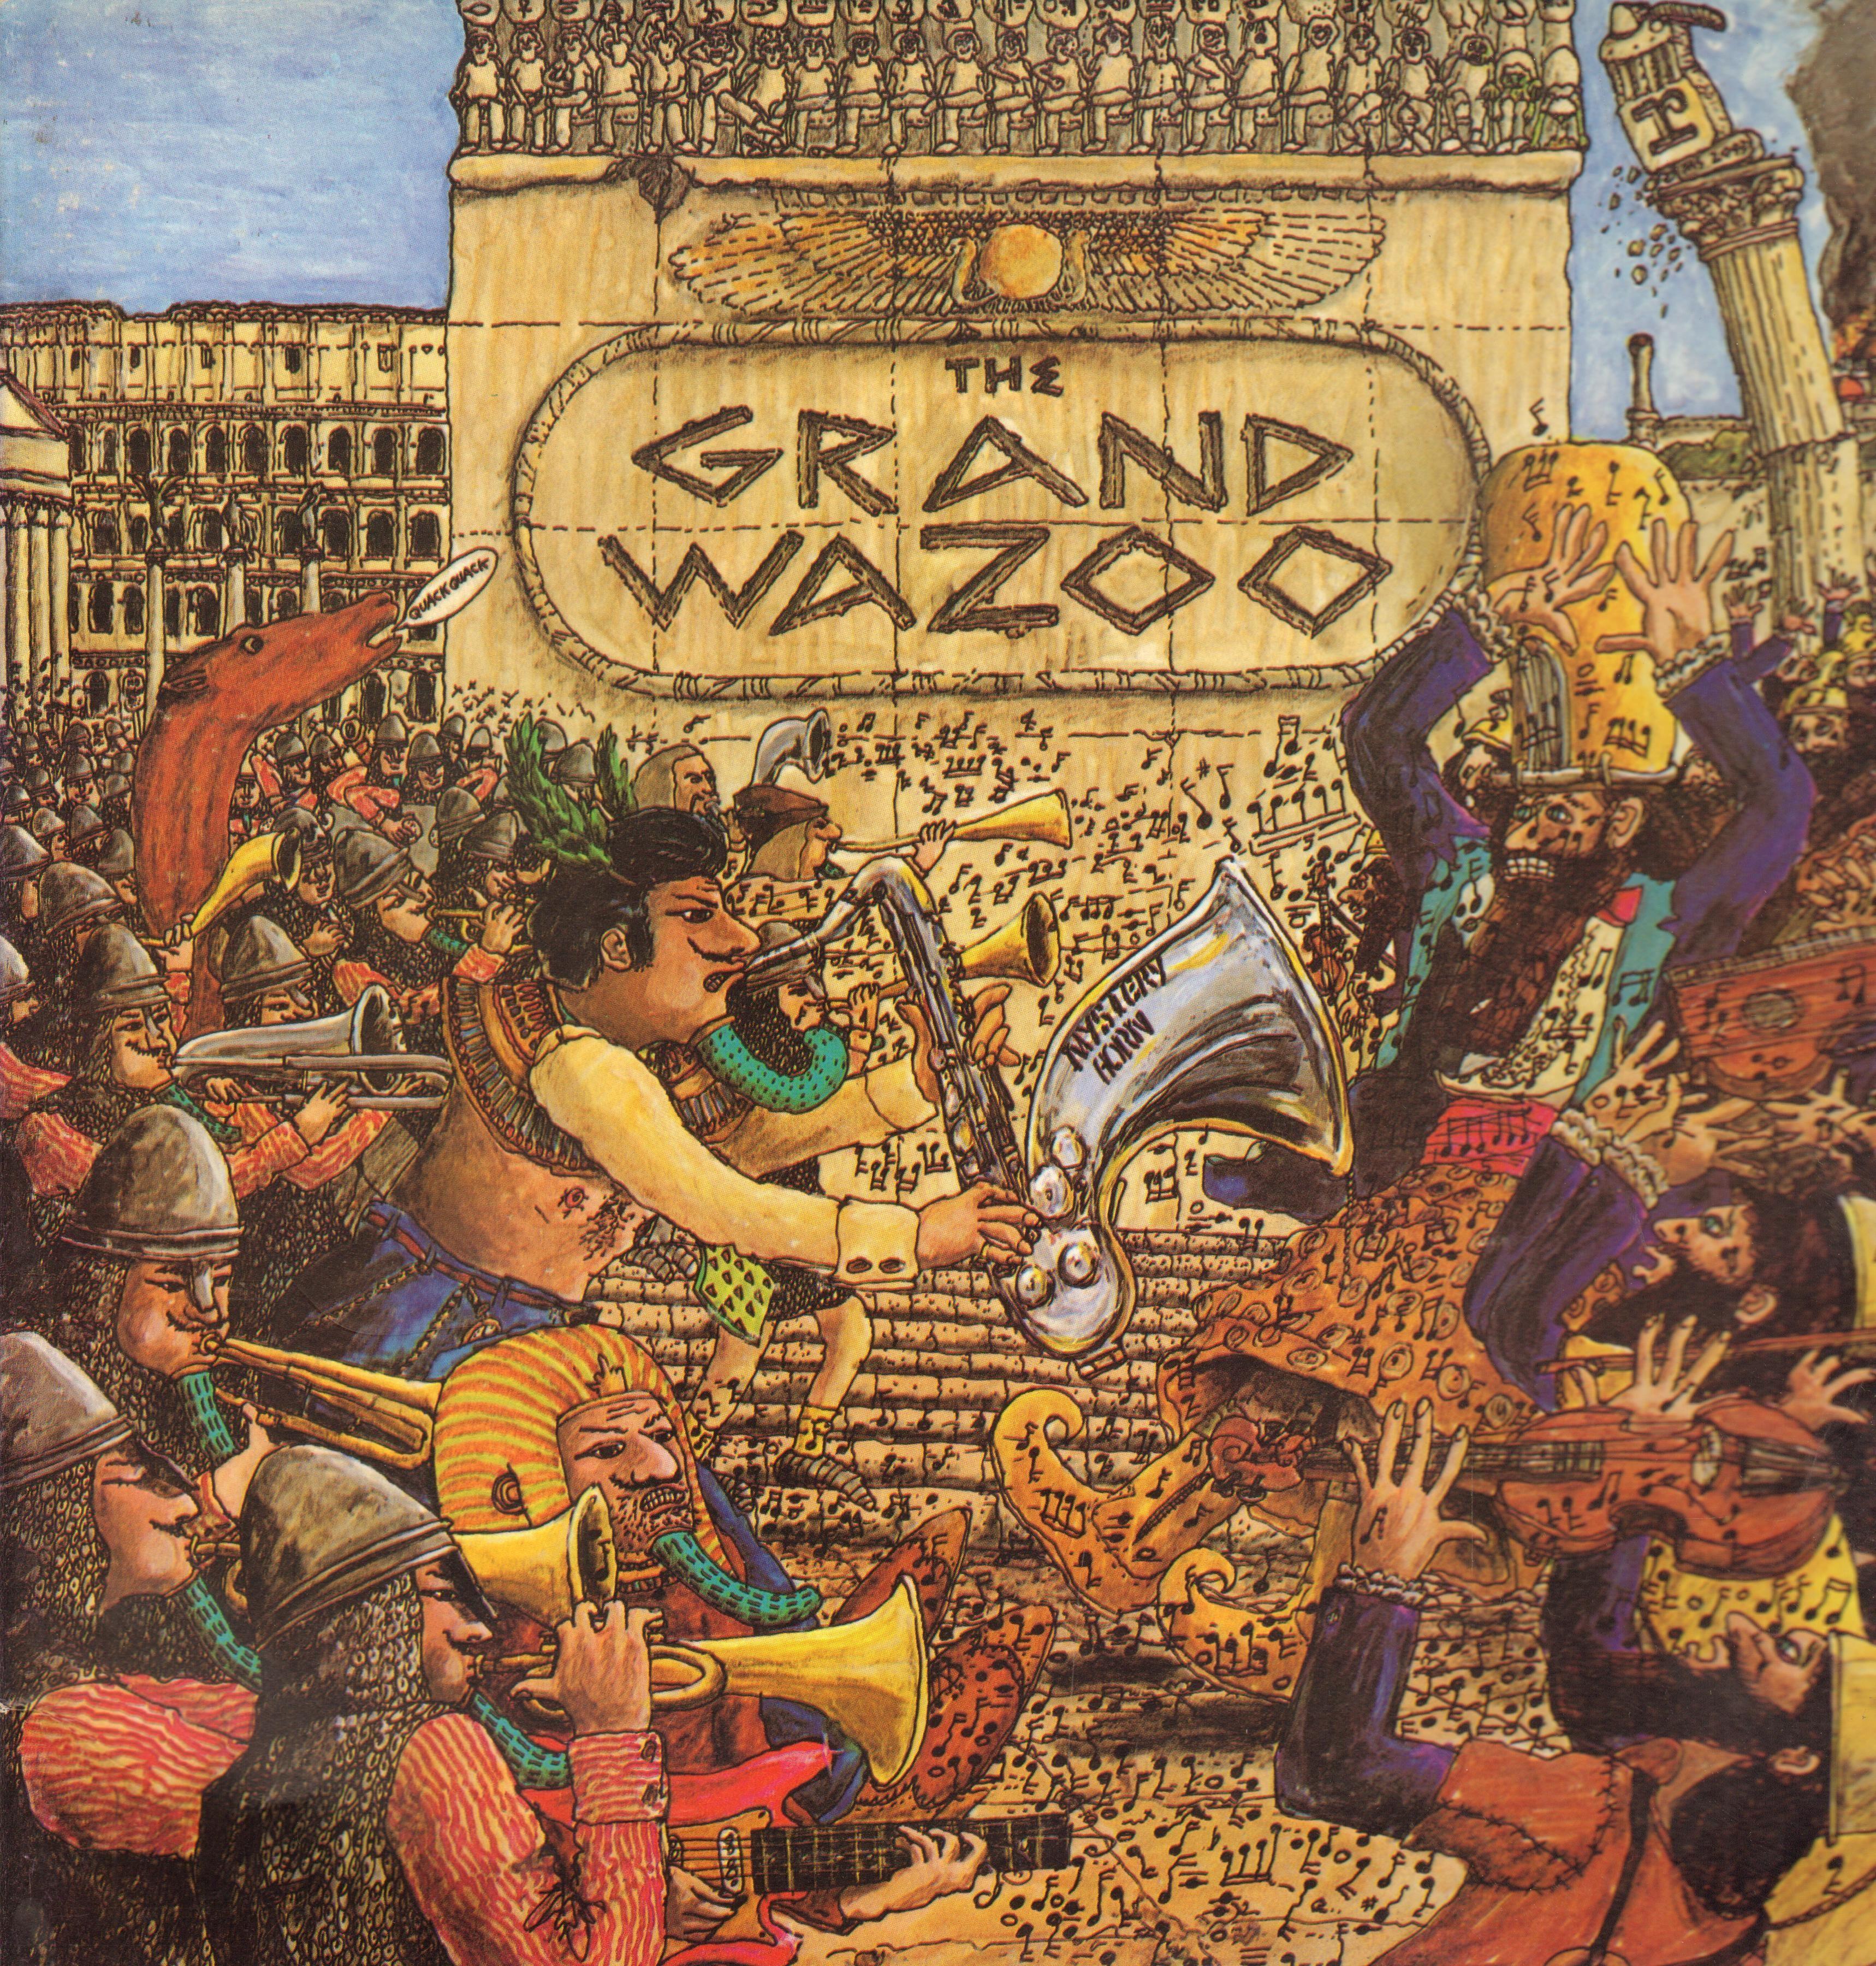 Frank Zappa The Mothers The Grand Wazoo Bonitezas